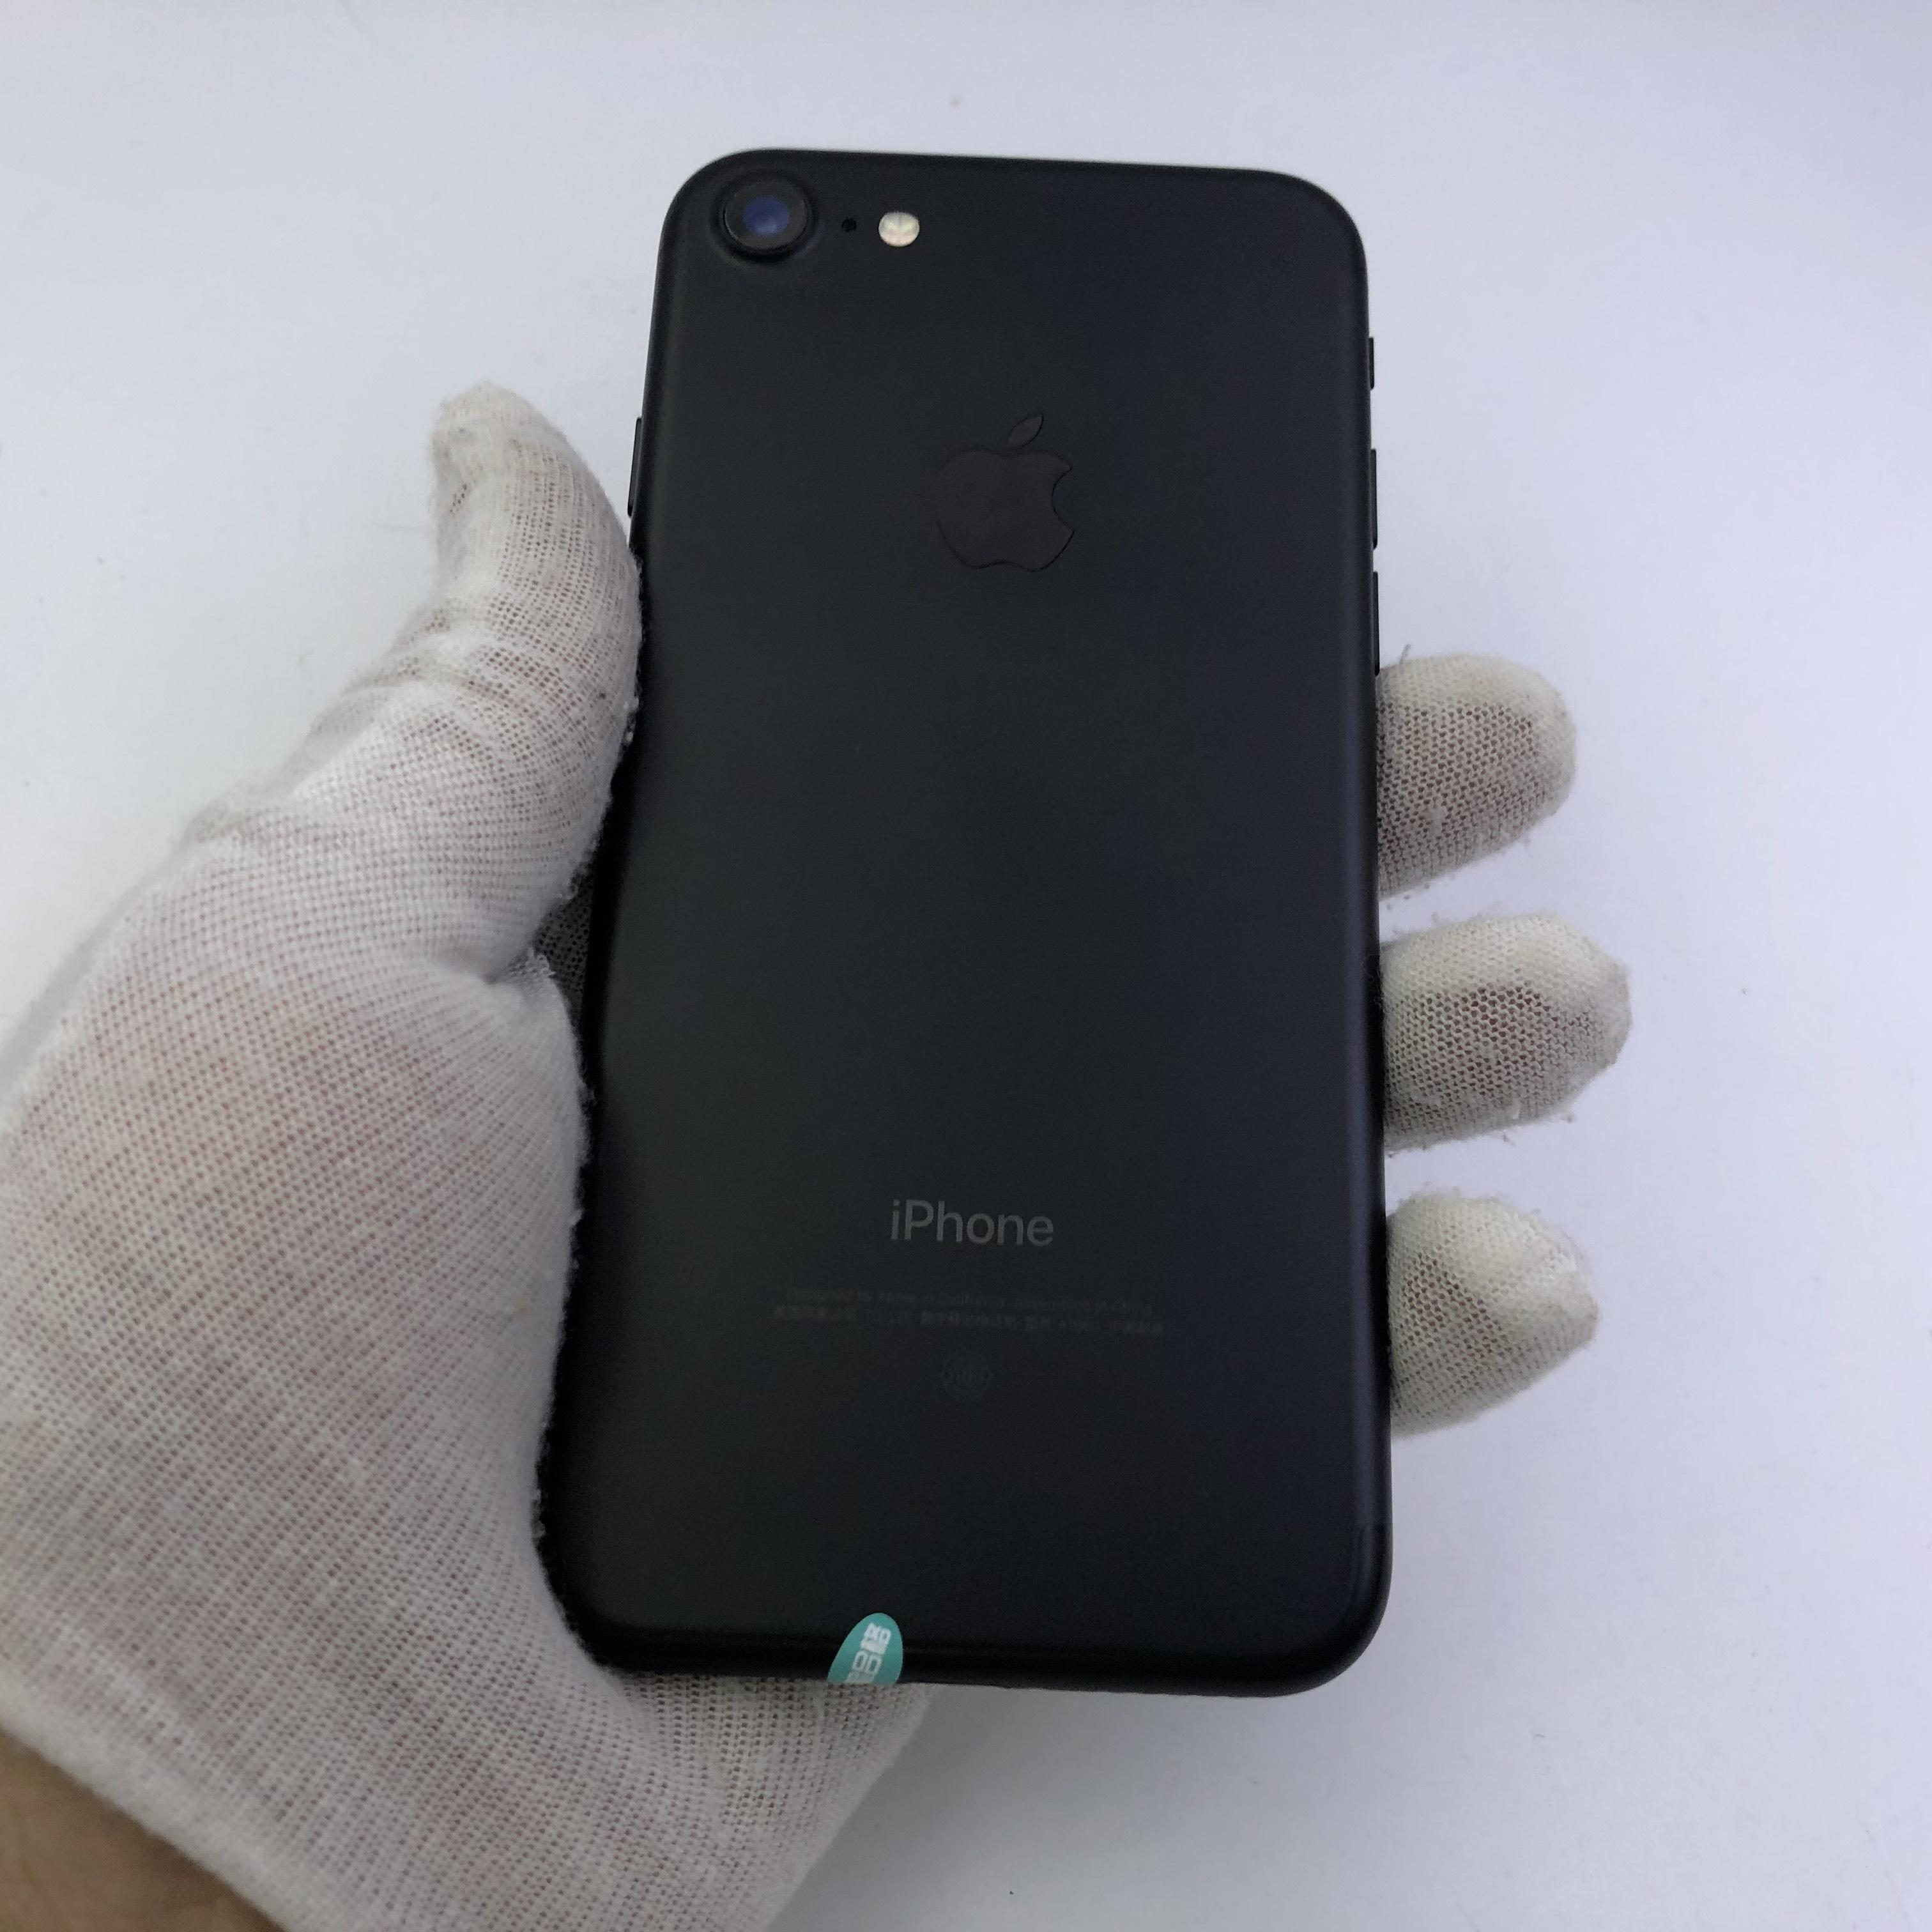 苹果【iPhone 7】4G全网通 黑色 128G 国行 95新